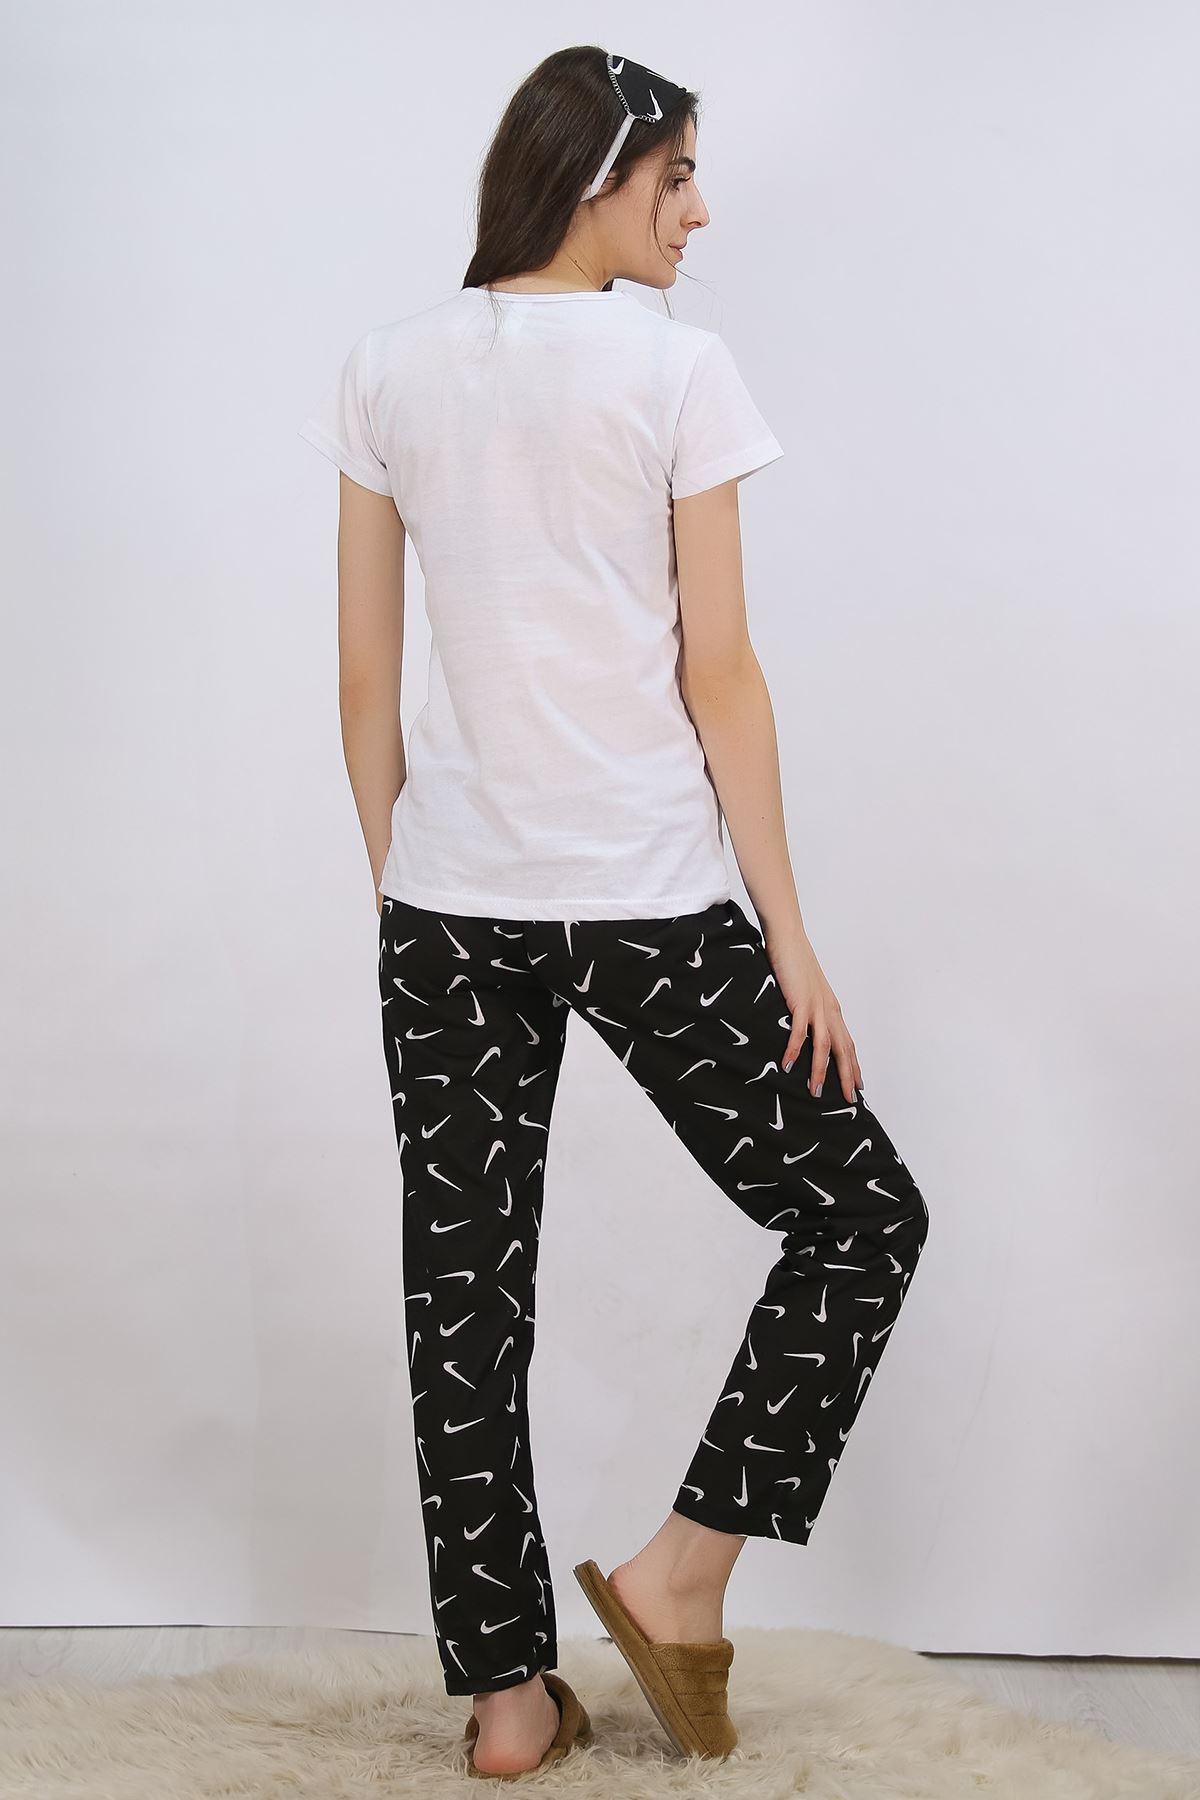 Baskılı Pijama Takımı Beyaz - 4714.102.